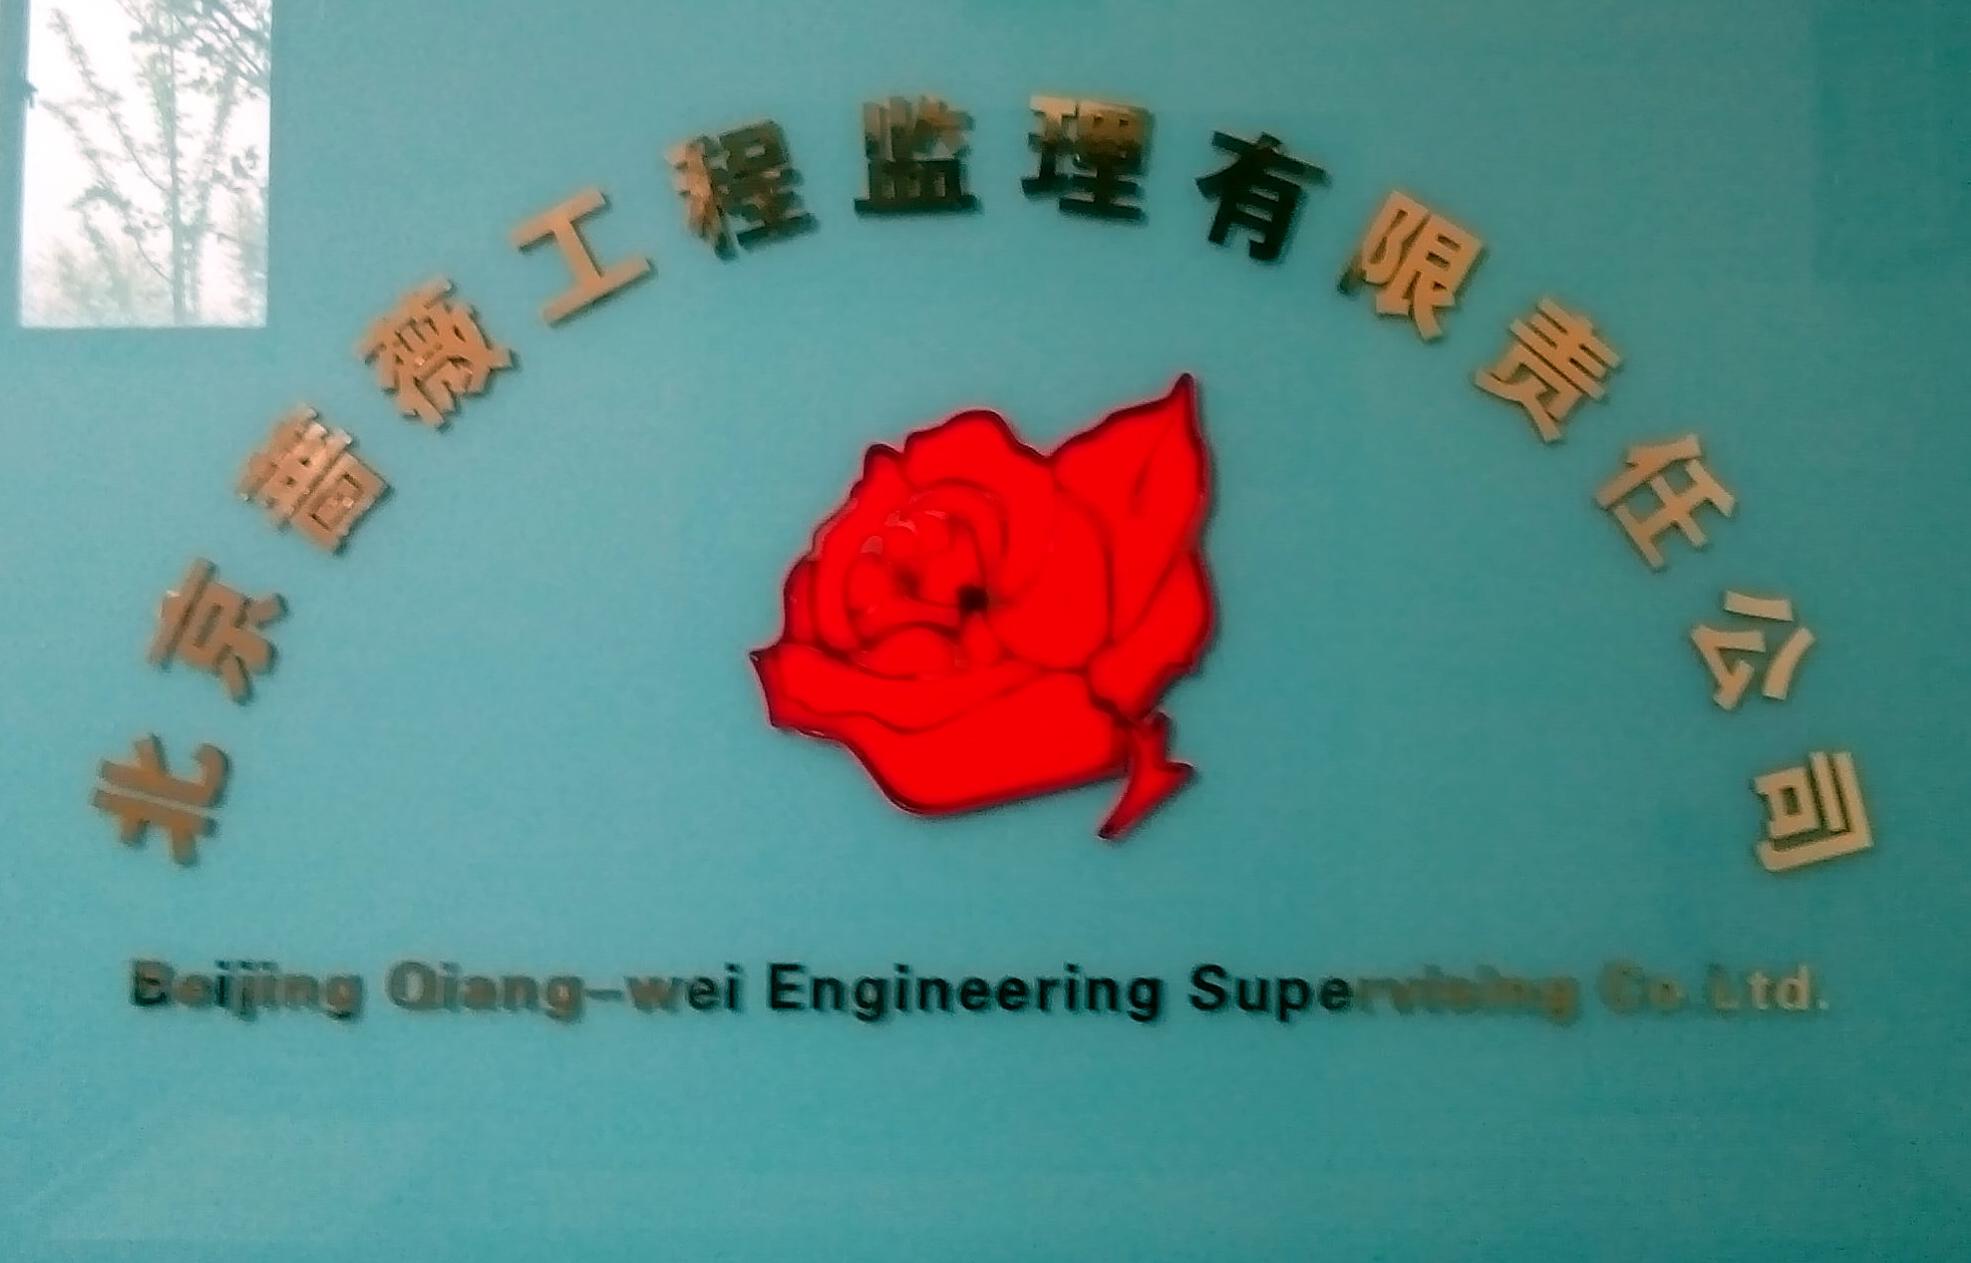 北京蔷薇工程监理有限责任公司